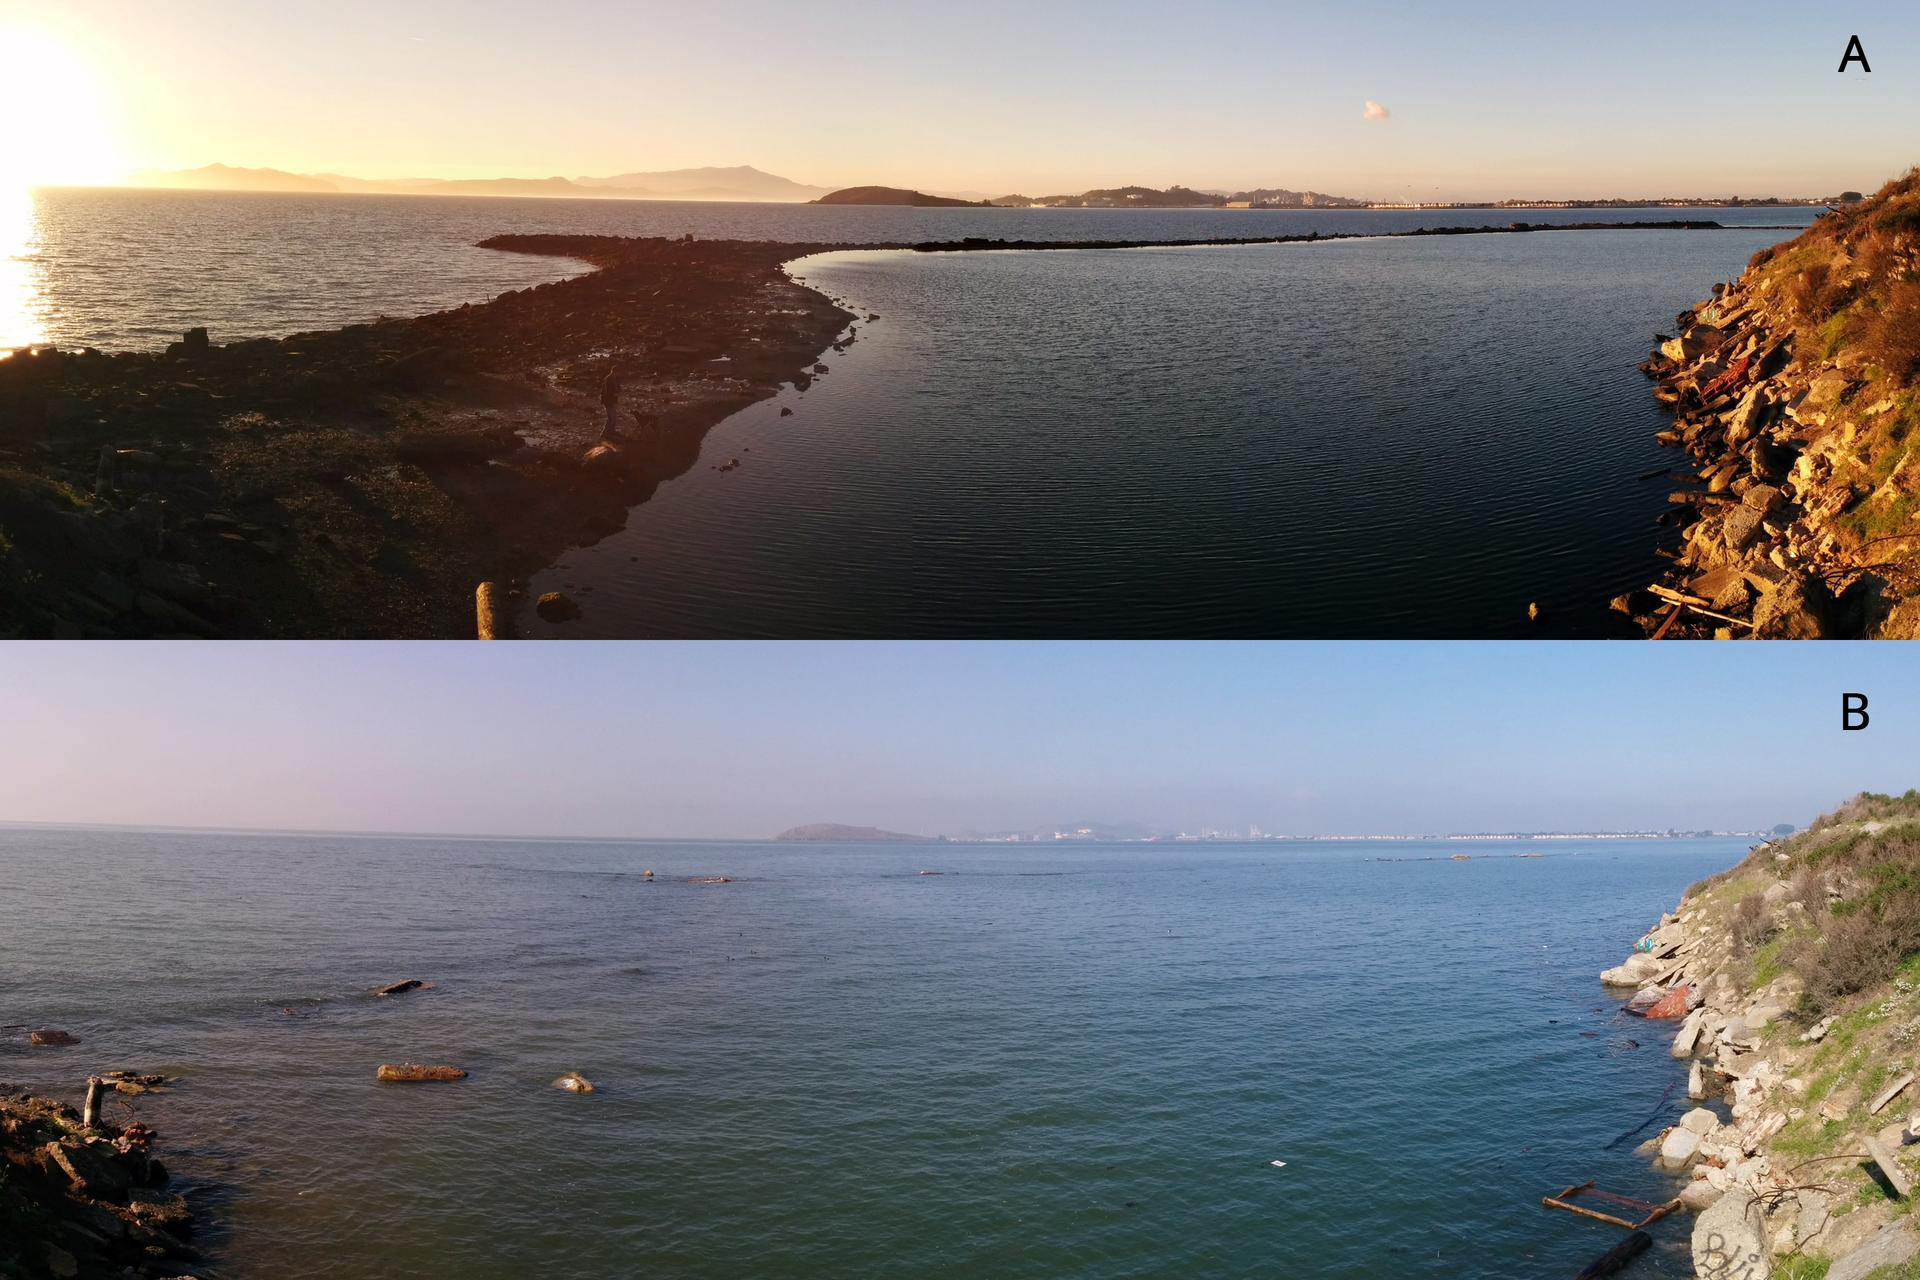 Dwa zdjęcia ułożone poziomo. Na górnym zdjęciu brzeg morza wczasie odpływu. Po prawej stronie zdjęcia widać brzeg. Od lewego dolnego rogu odchodzi łacha piachu, odsłonięta zpowodu obniżenia się poziomu wody wmorzu. Na dolnym zdjęciu to samo ujęcie, woda całkowicie przykrywa łachę piachu. To przypływ.